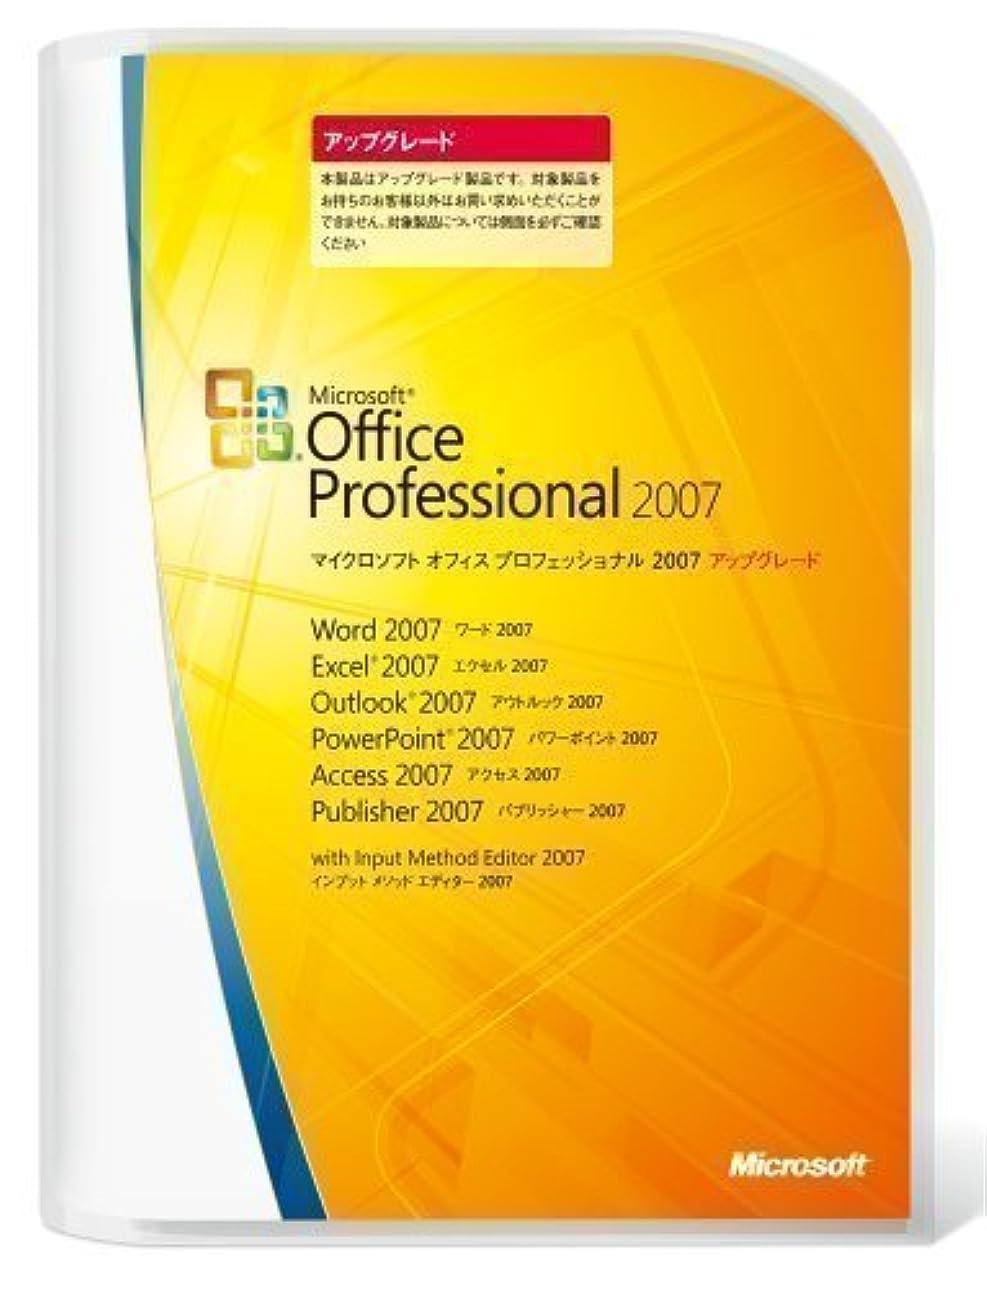 パラシュートケーキサンプル【旧商品/メーカー出荷終了/サポート終了】Microsoft  Office 2007 Professional アップグレード